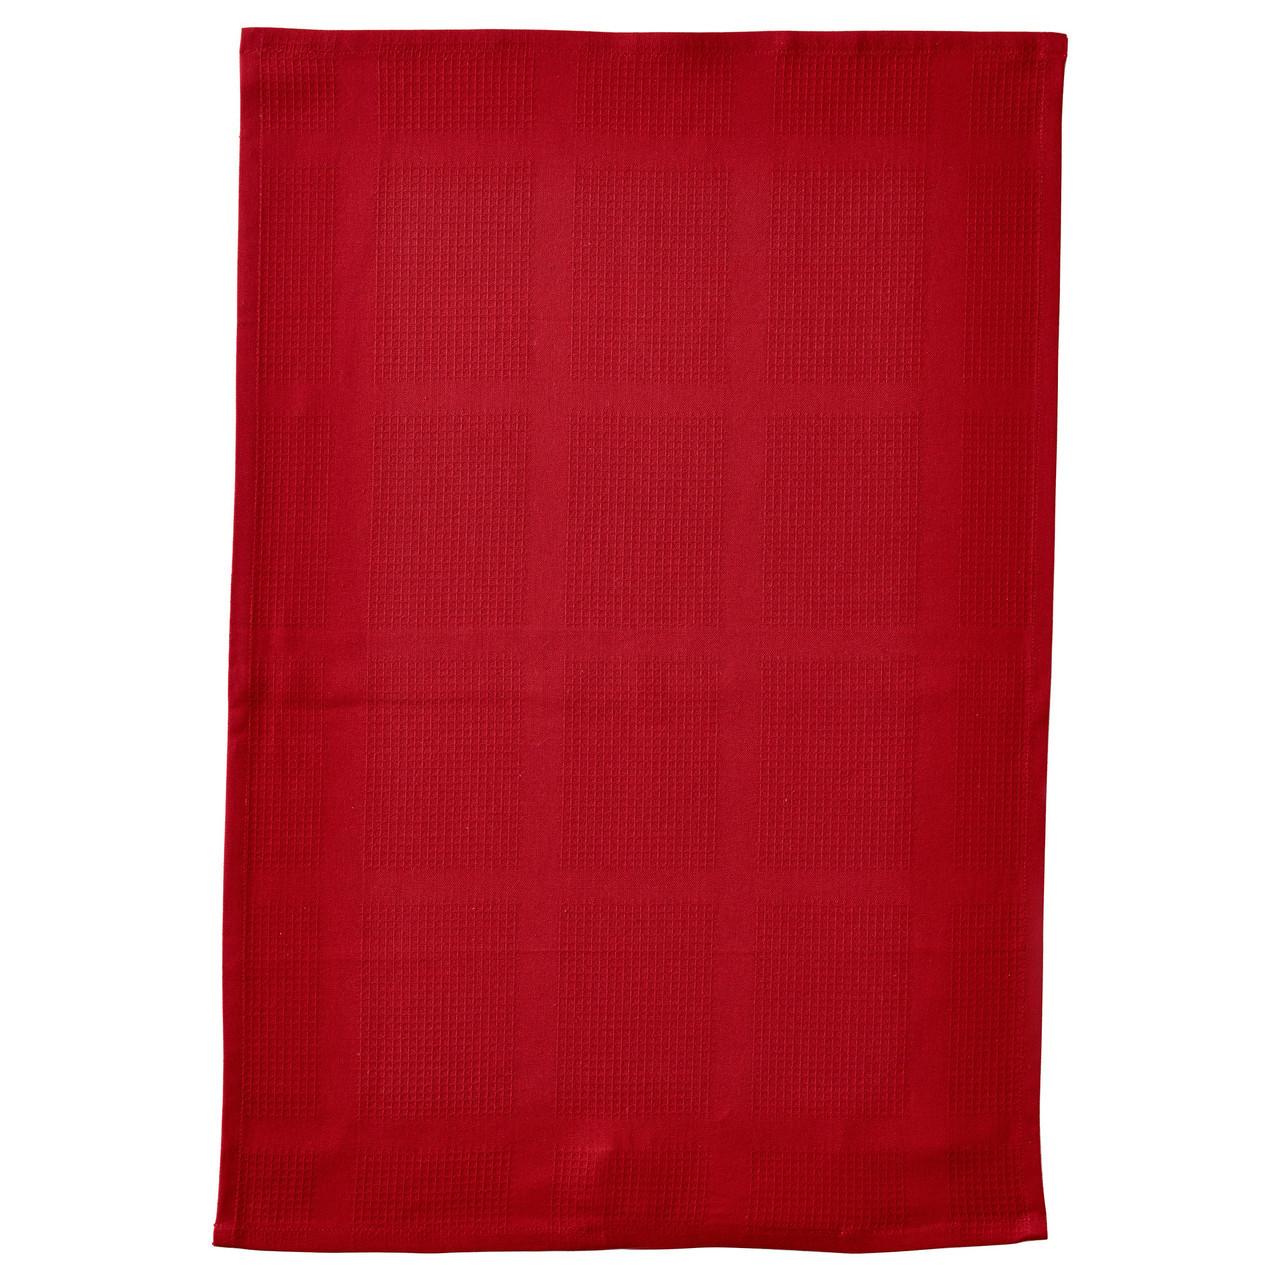 ИРИС Полотенце кухонное, красный, 50x70 см 70235533 IKEA, ИКЕА, IRIS